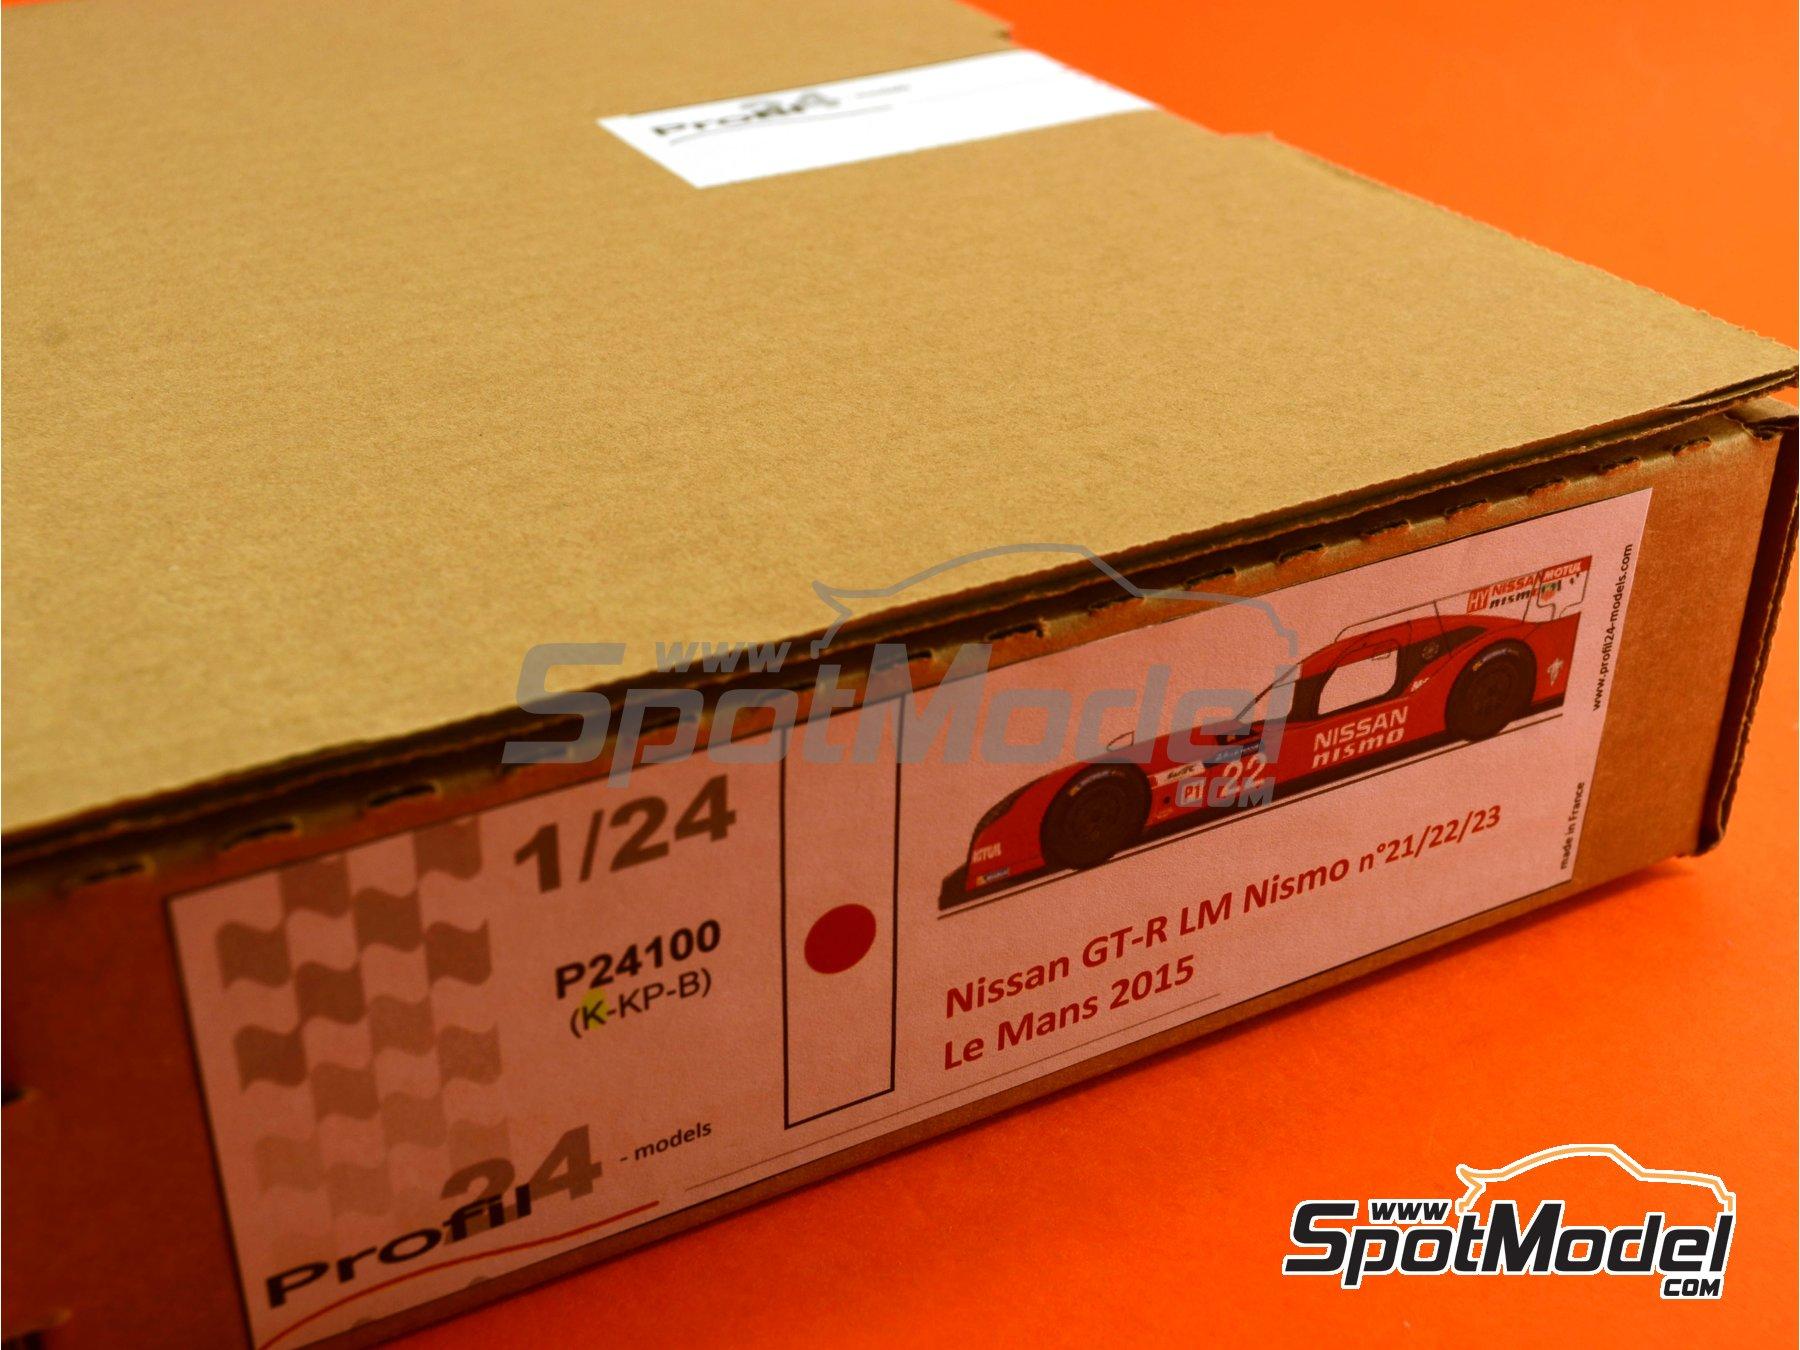 Image 24: Nissan GT-R LM Nismo Nismo - 24 Horas de Le Mans 2015 | Maqueta de coche en escala1/24 fabricado por Profil24 (ref.P24100)